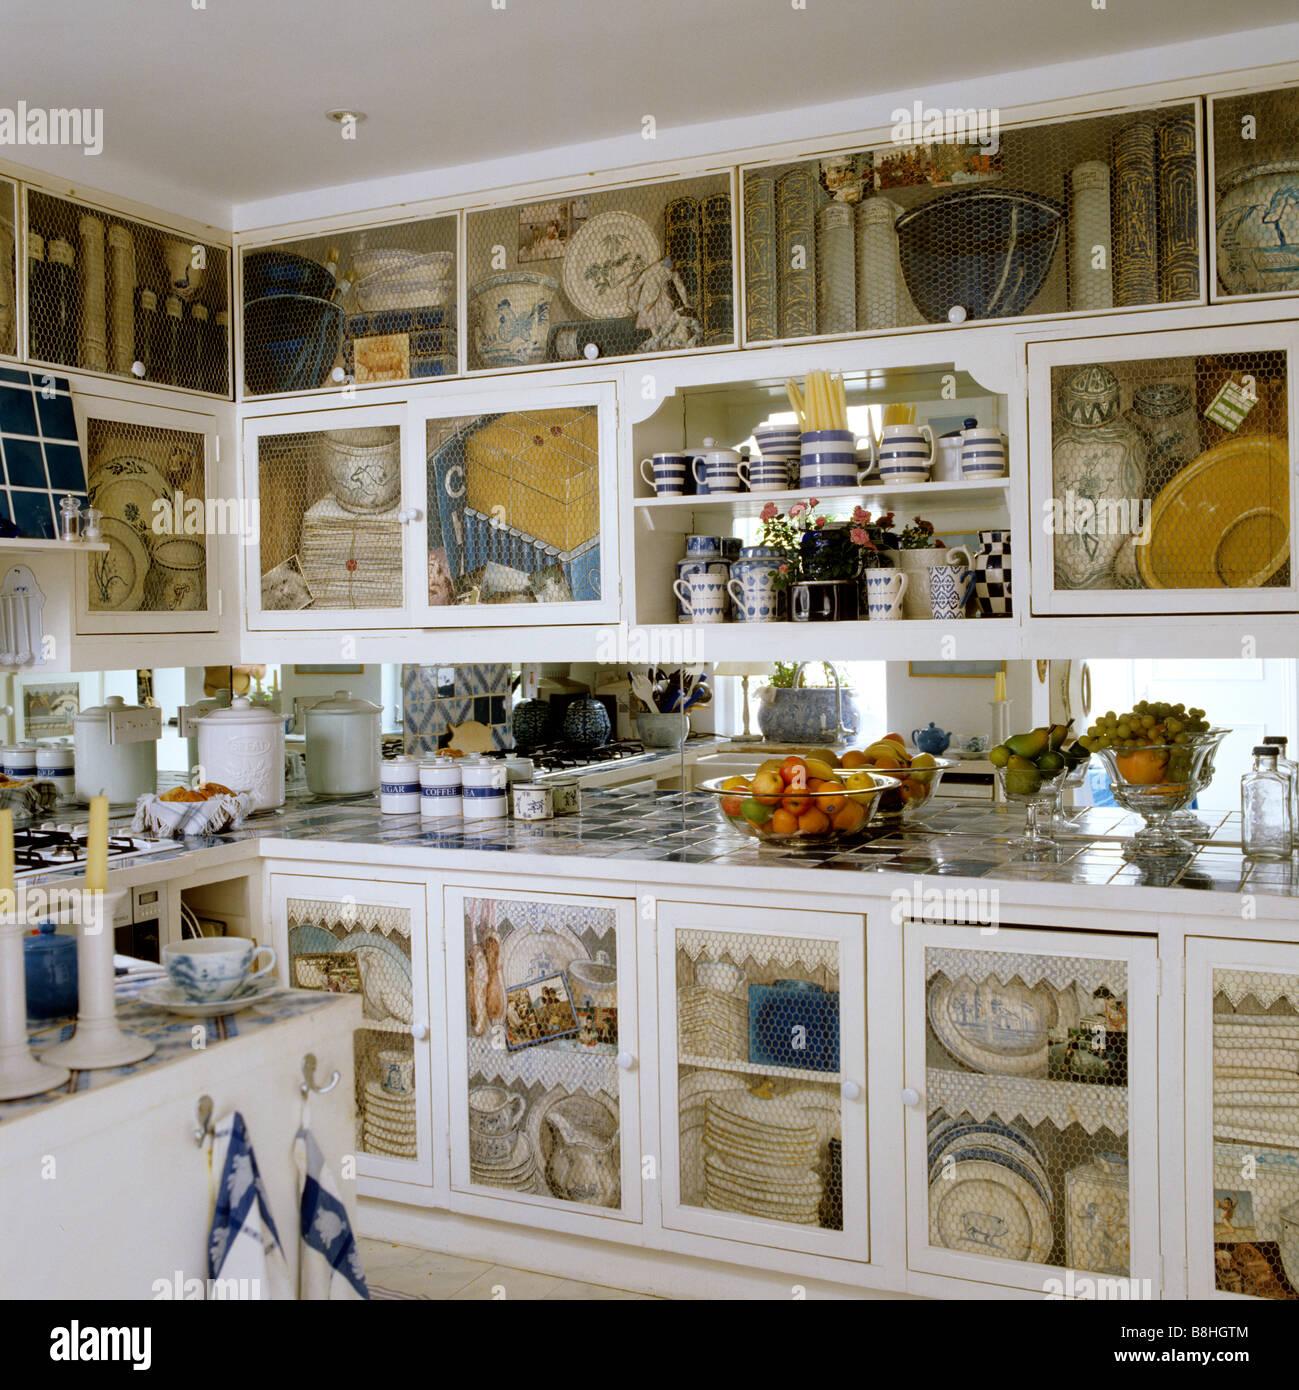 avec des armoires de cuisine peint en trompe l 39 oeil d coratifs banque d 39 images photo stock. Black Bedroom Furniture Sets. Home Design Ideas